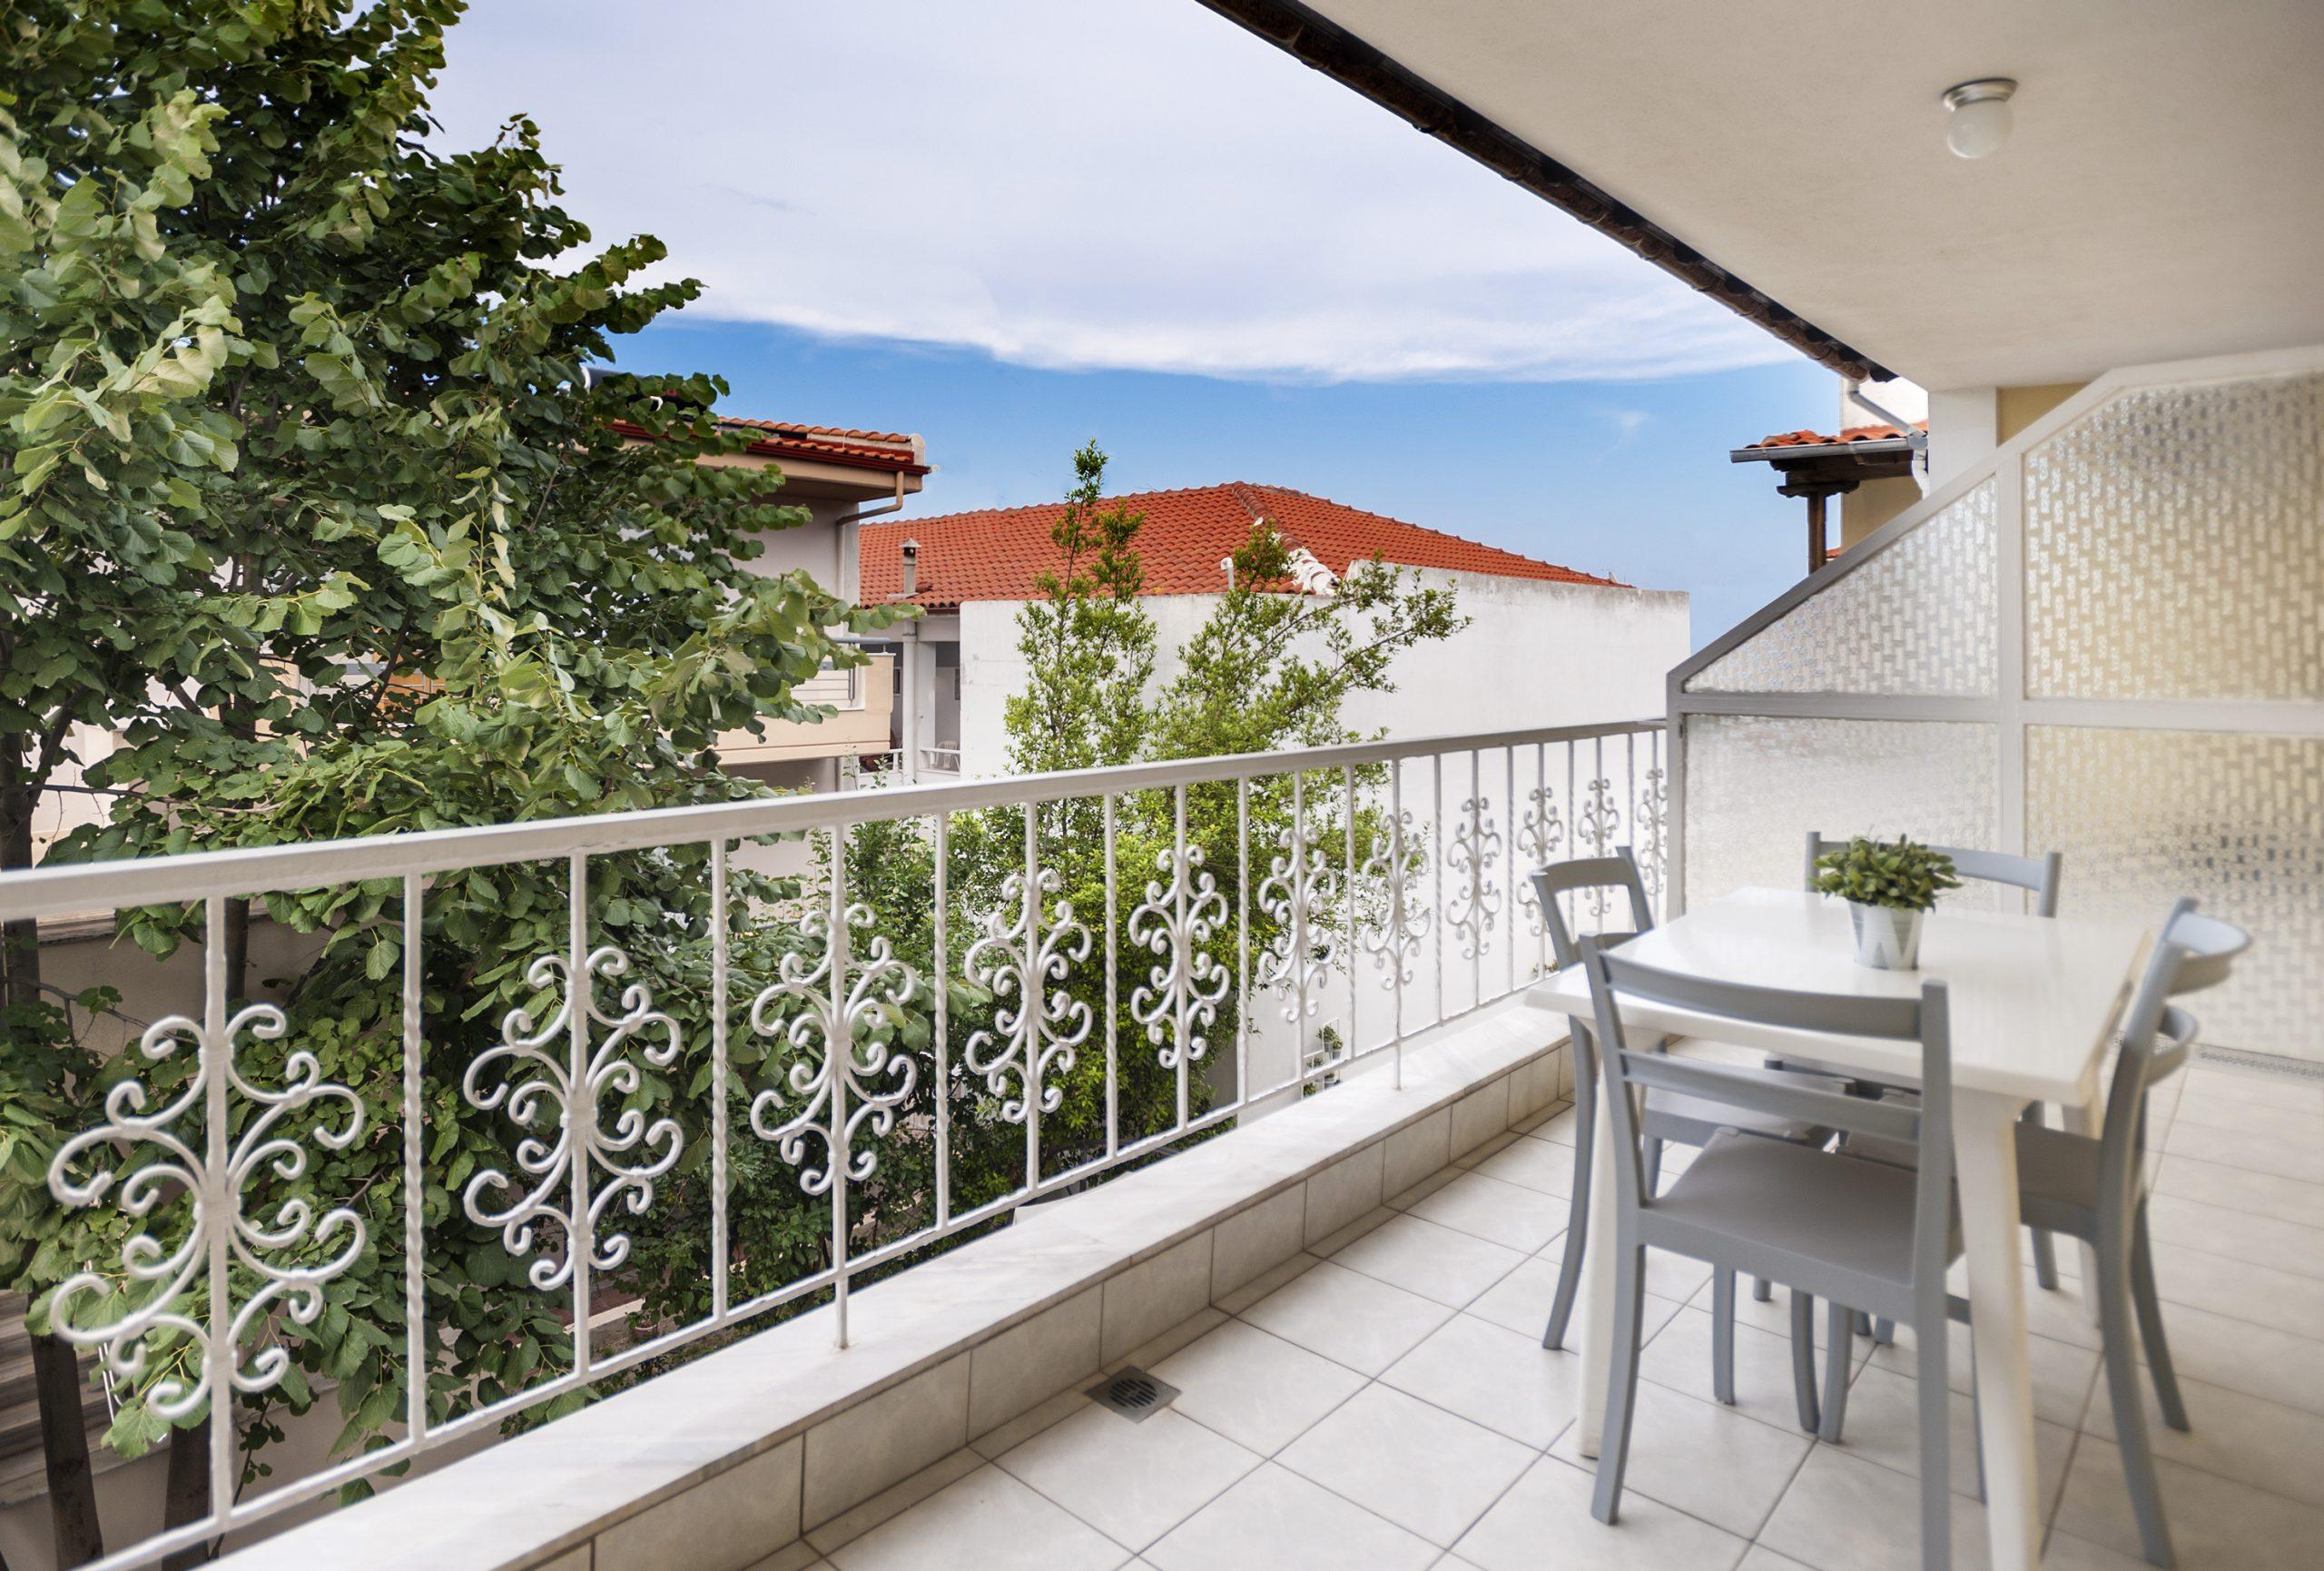 Afkos_balcony_003-2